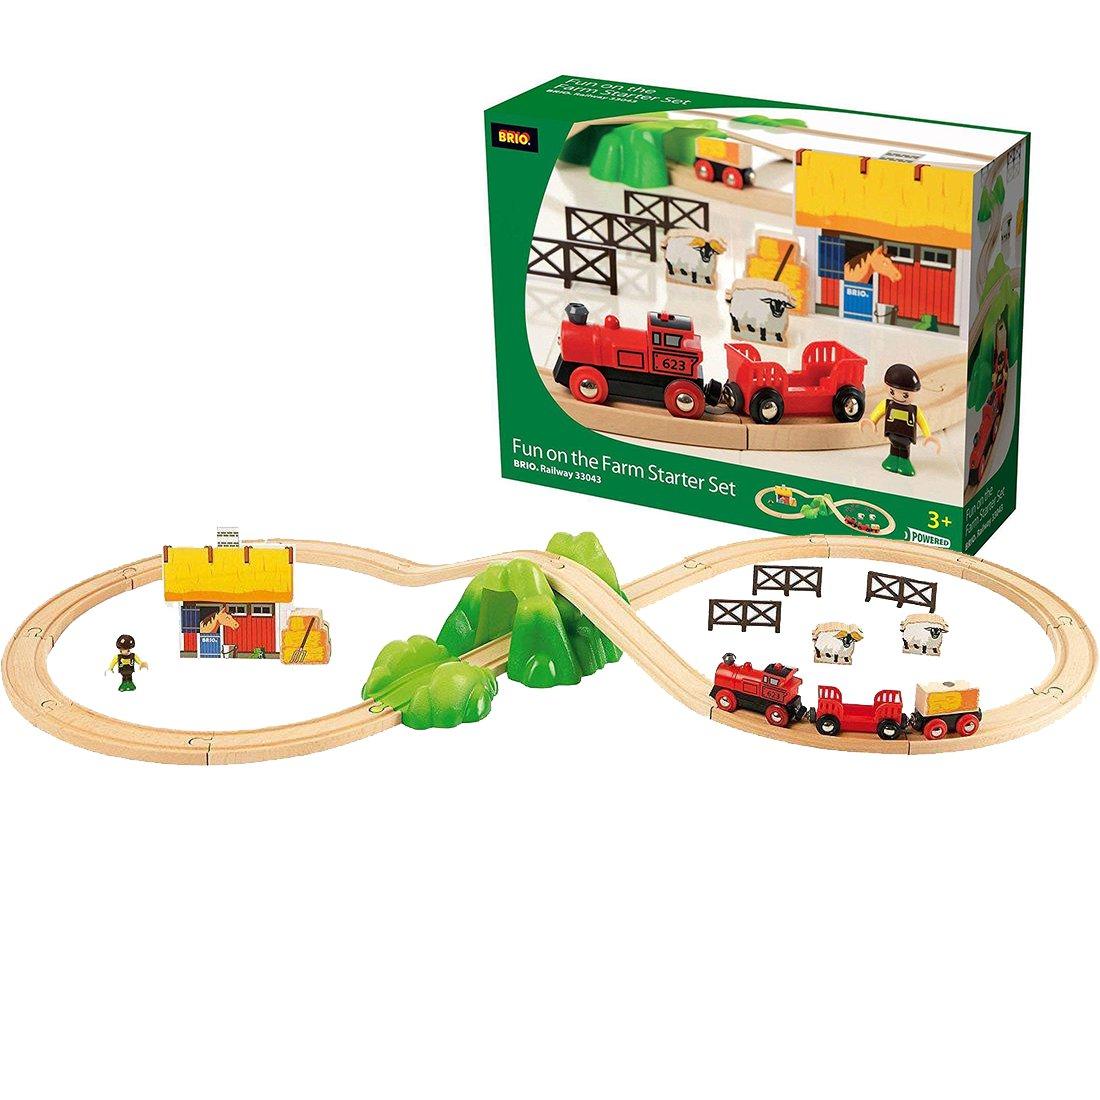 brio holzeisenbahn starter set farm - brio 33043 - timmi spielwaren